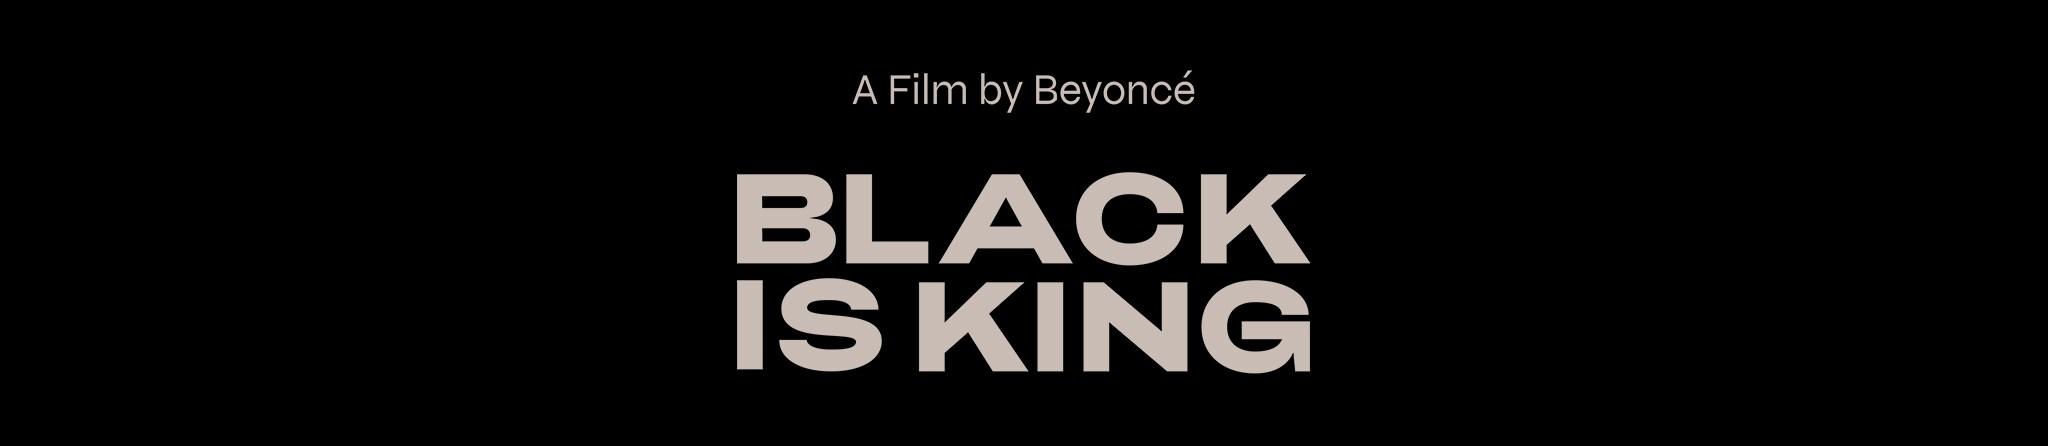 Black Is King | A Film by Beyoncé